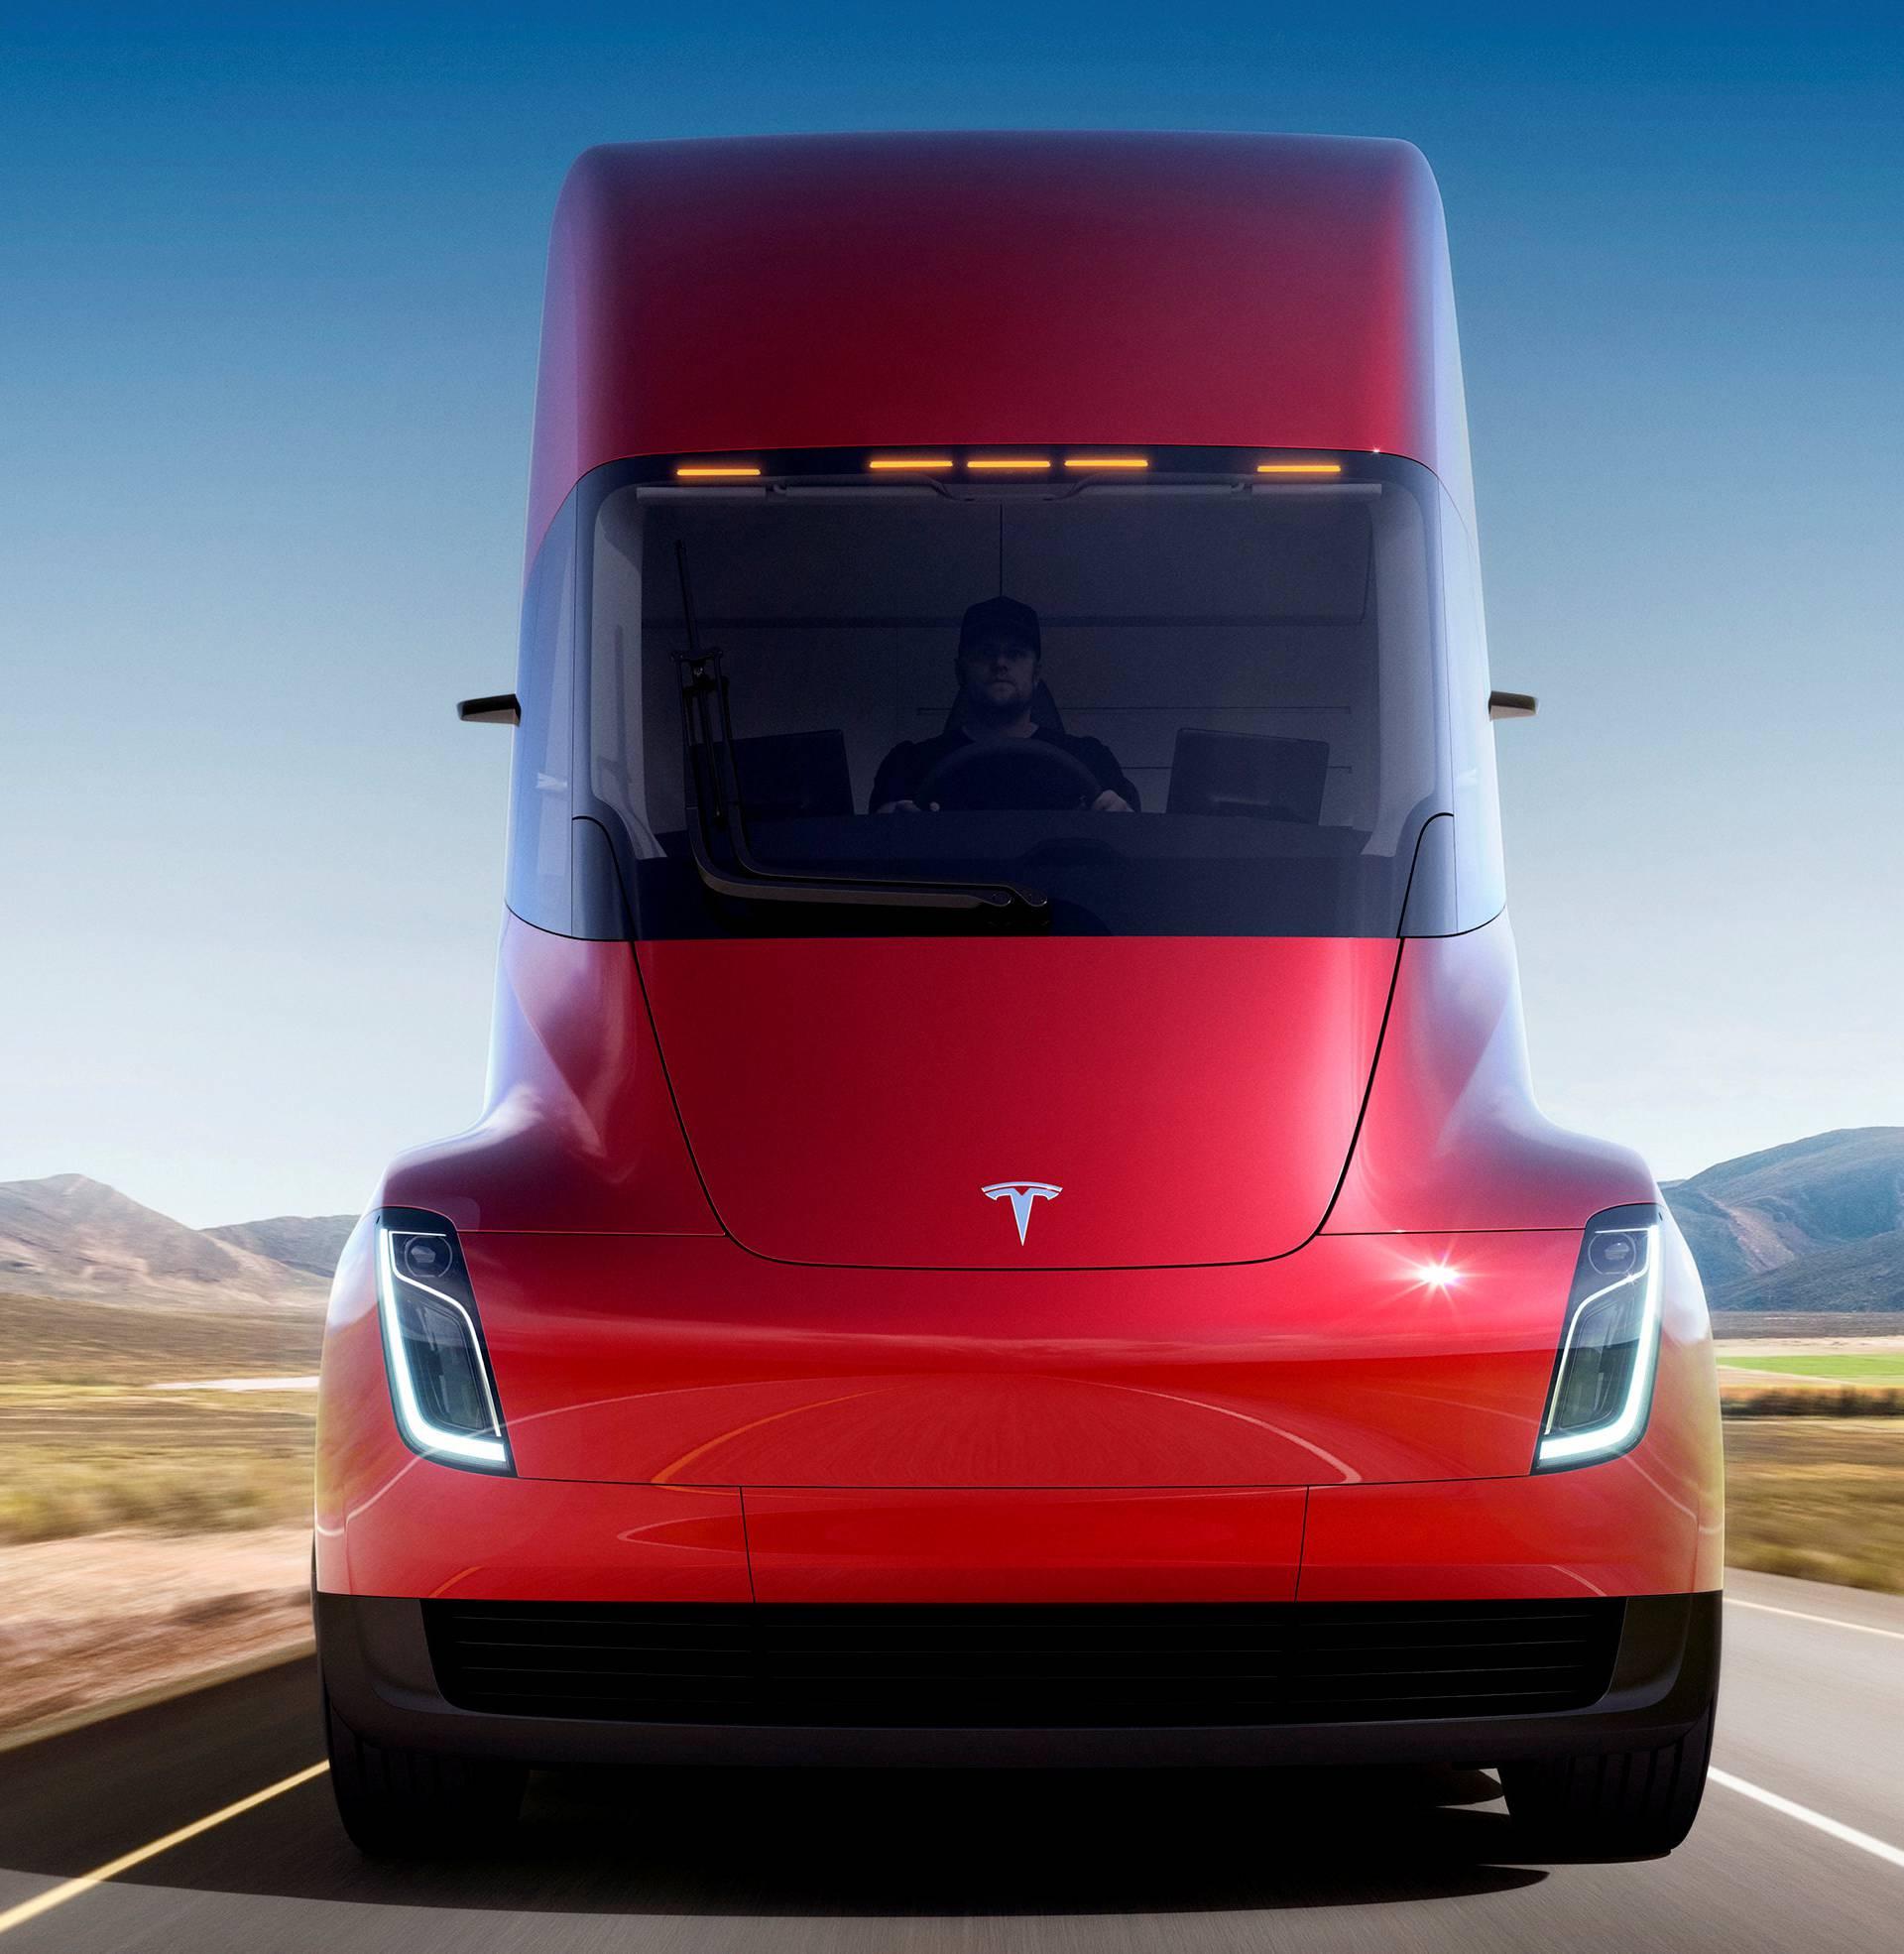 Undated handout image of the Tesla Semi